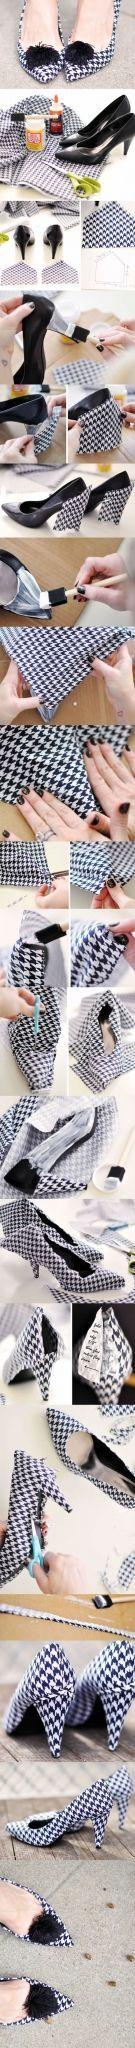 reciclar-zapatos-2